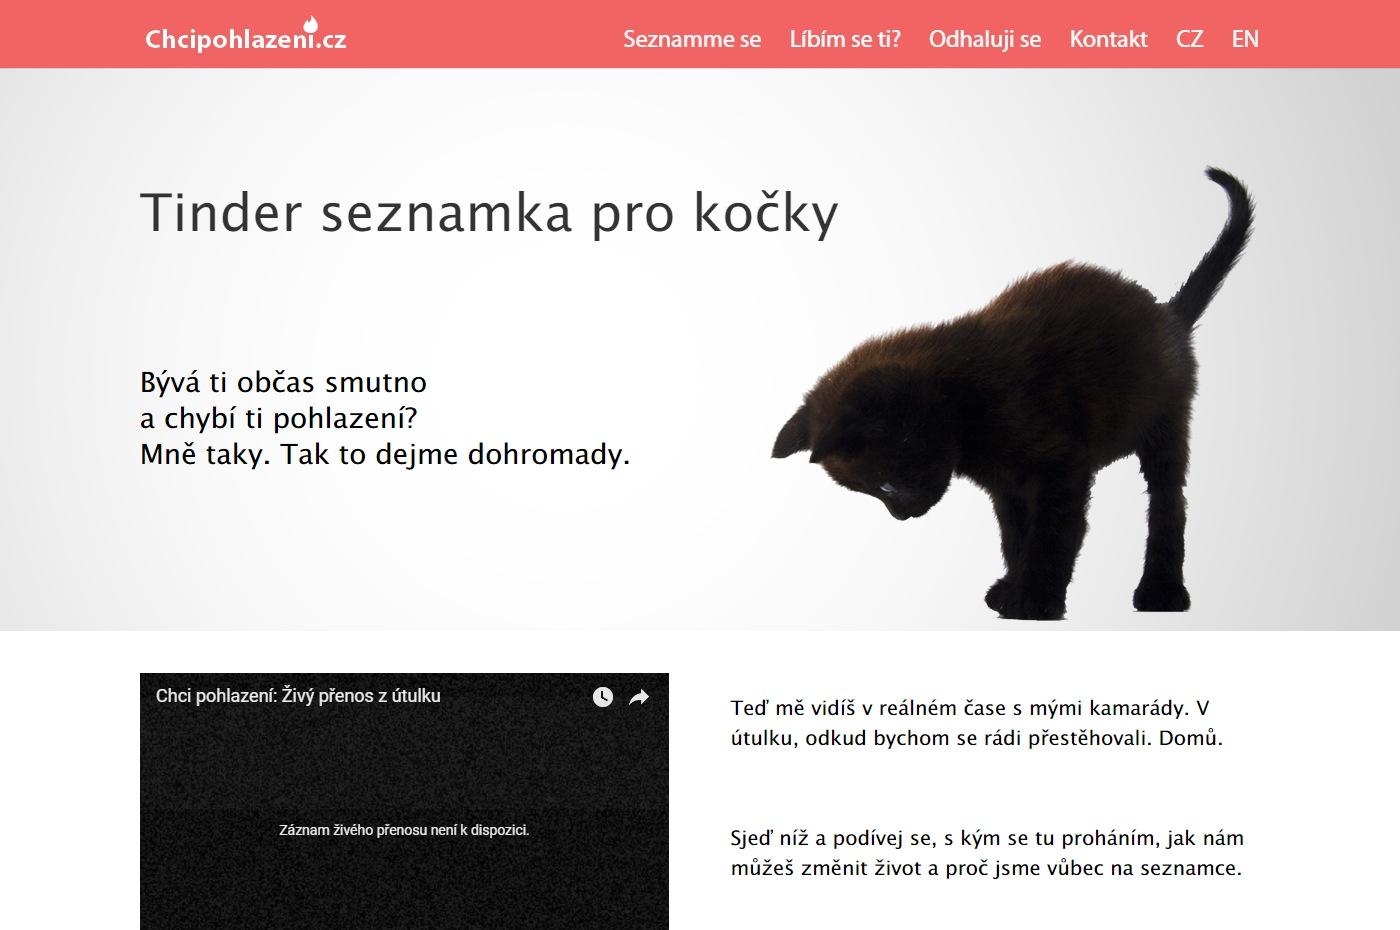 Webové stránky chcipohlazeni.cz